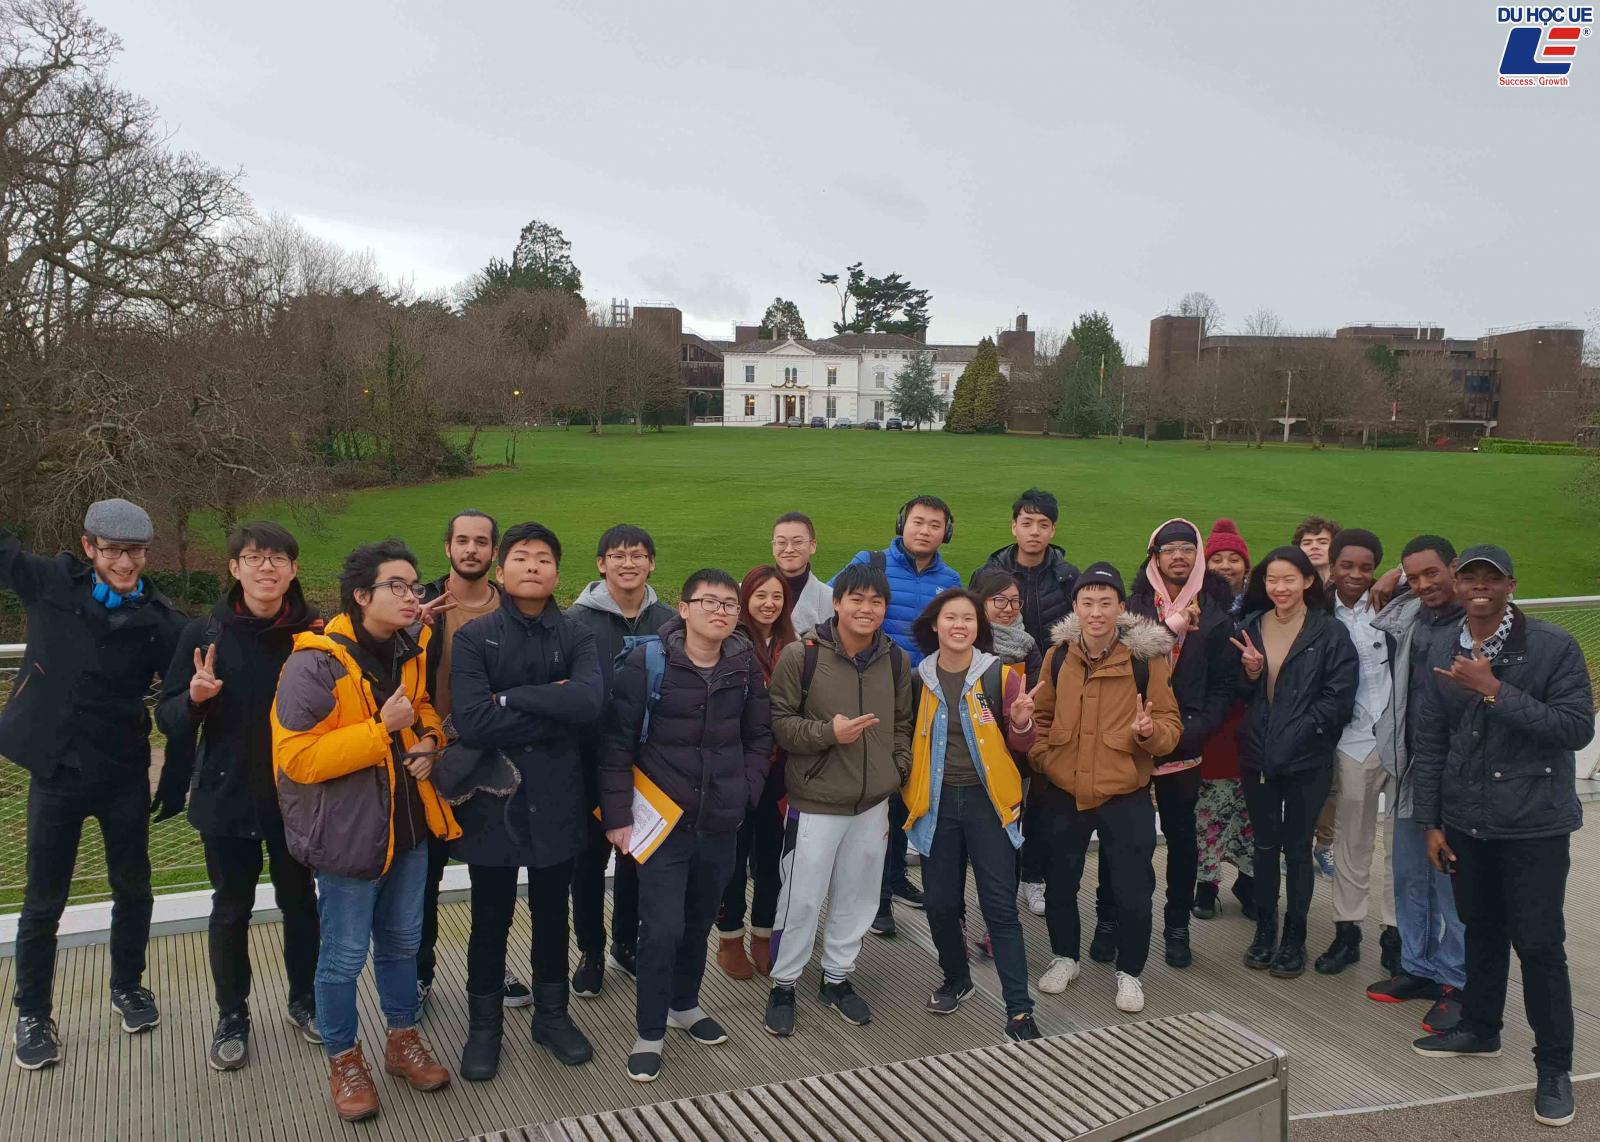 Cơ hội săn học bổng tại Dublin International Foundation College dành cho sinh viên cấp 3 và dự bị thạc sĩ tại Ireland 3